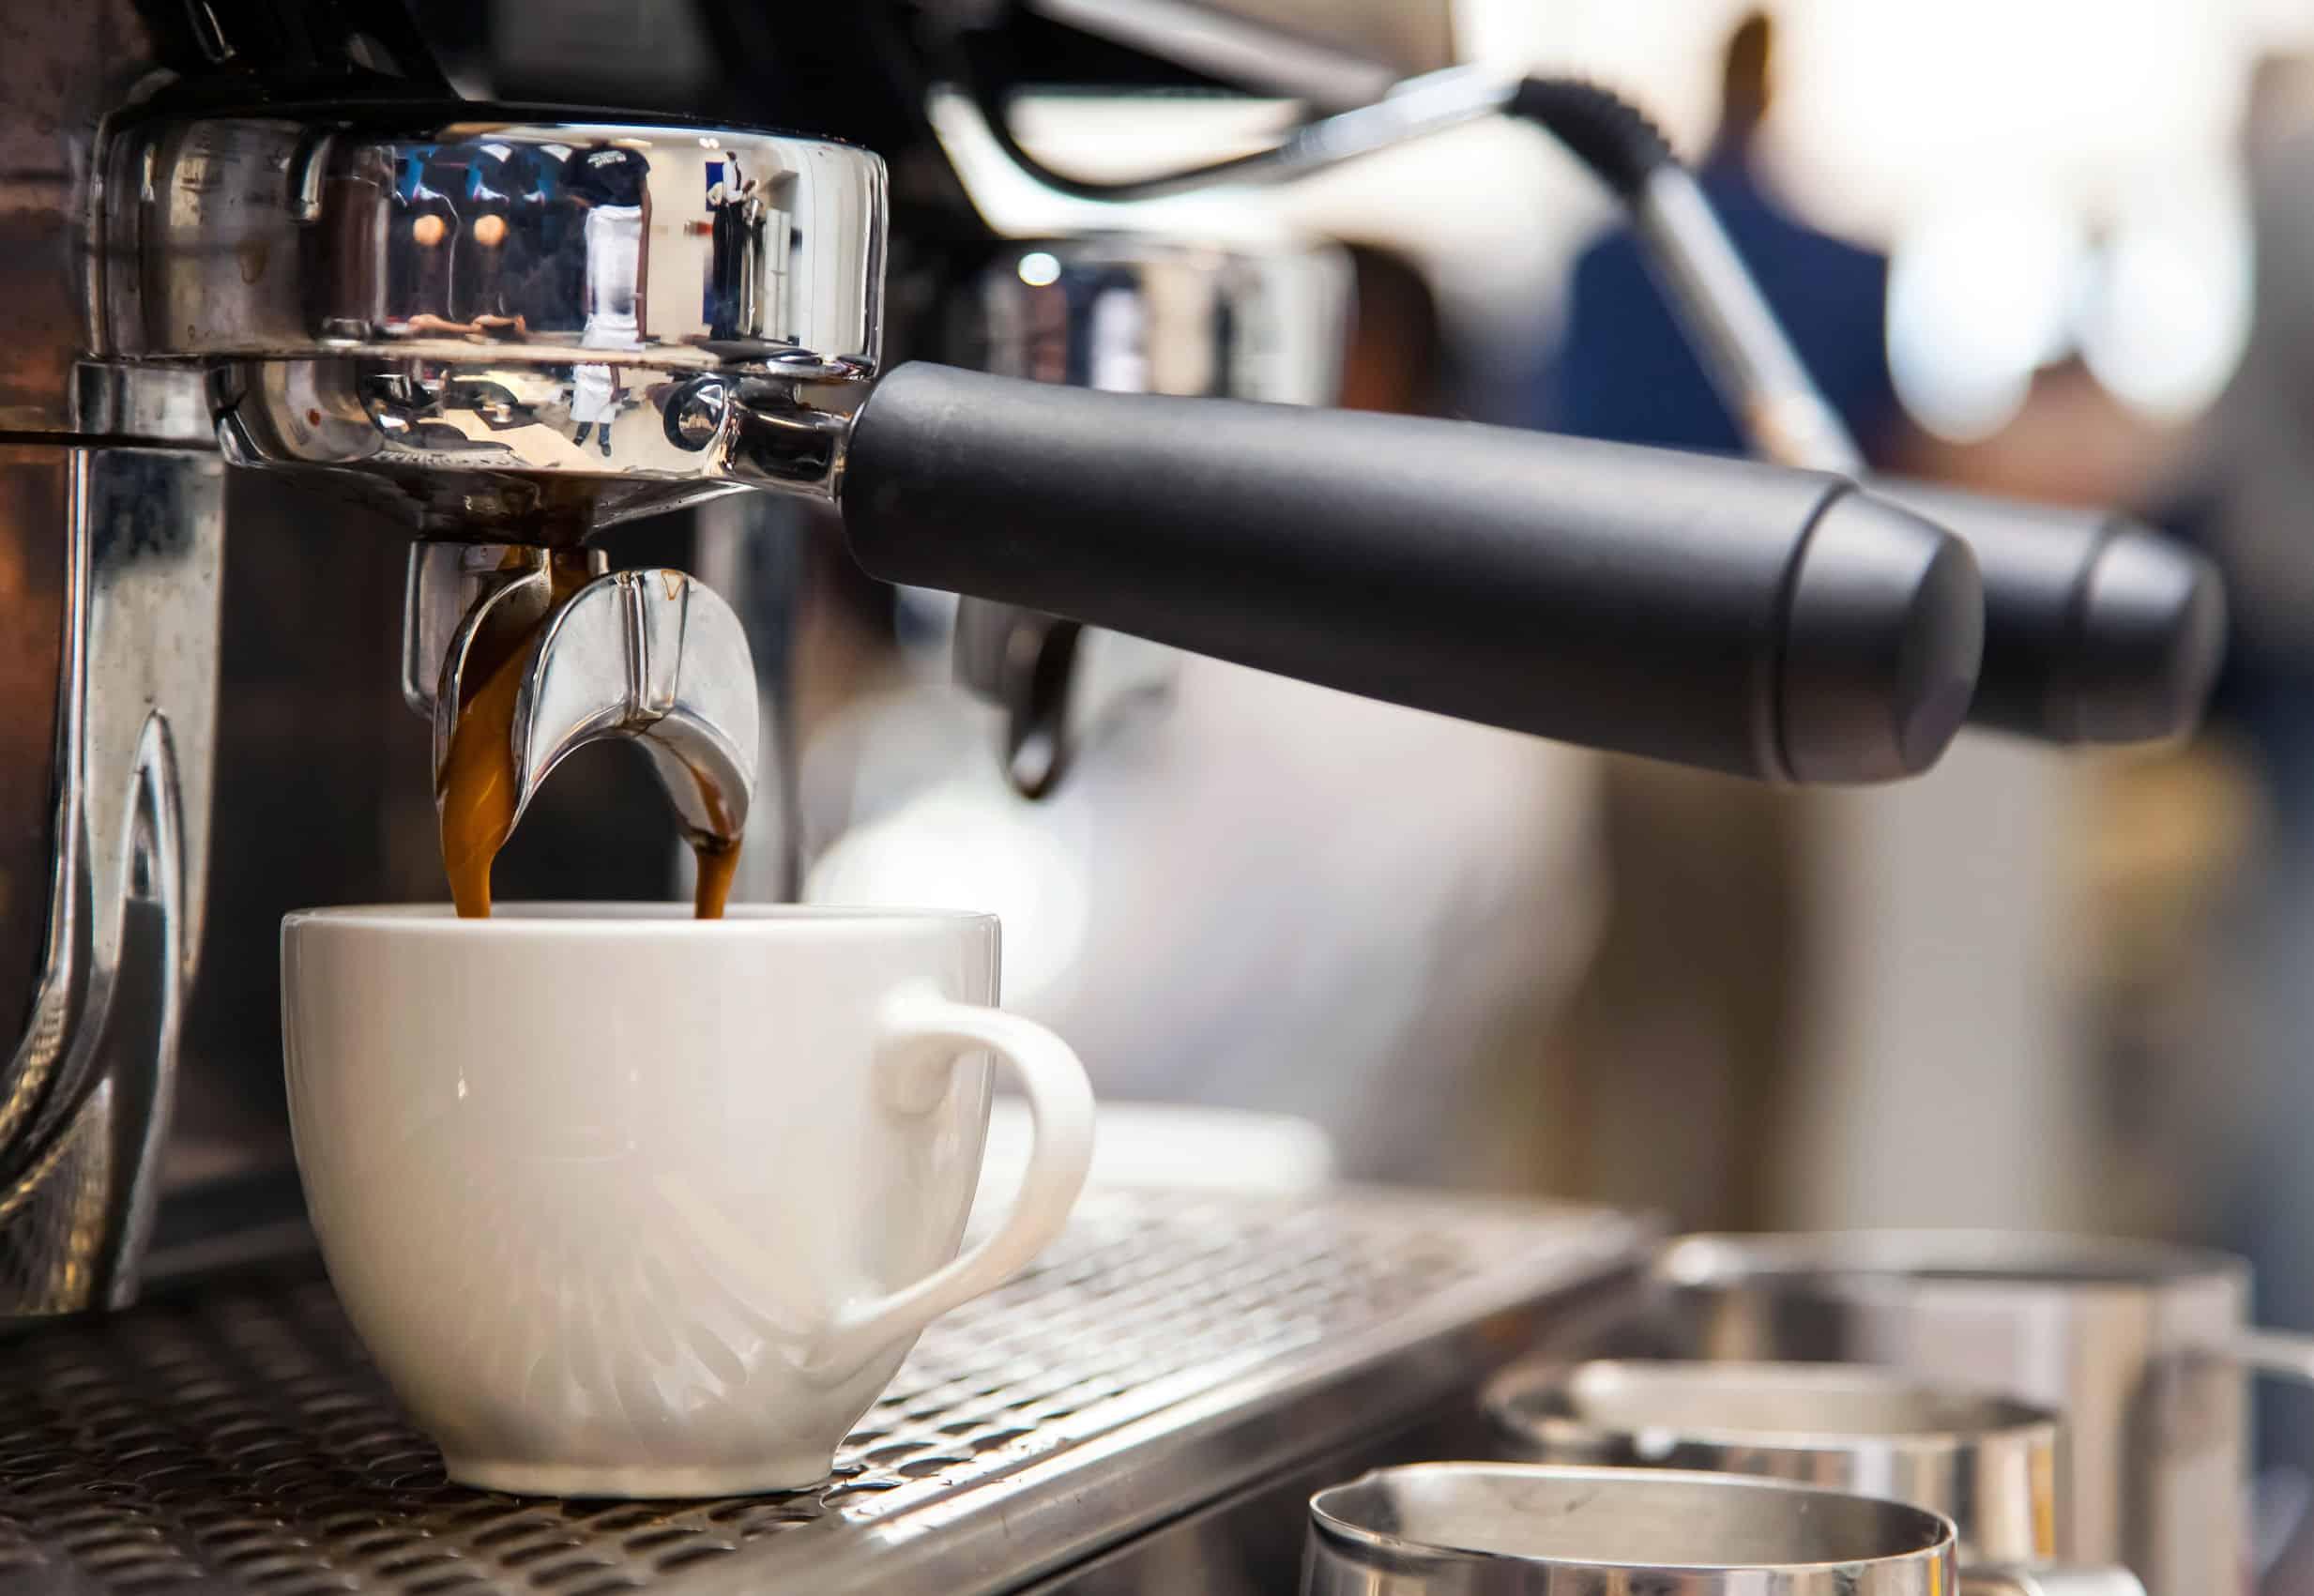 Miglior macchina da caffè multifunzione 2020: Guida all'acquisto